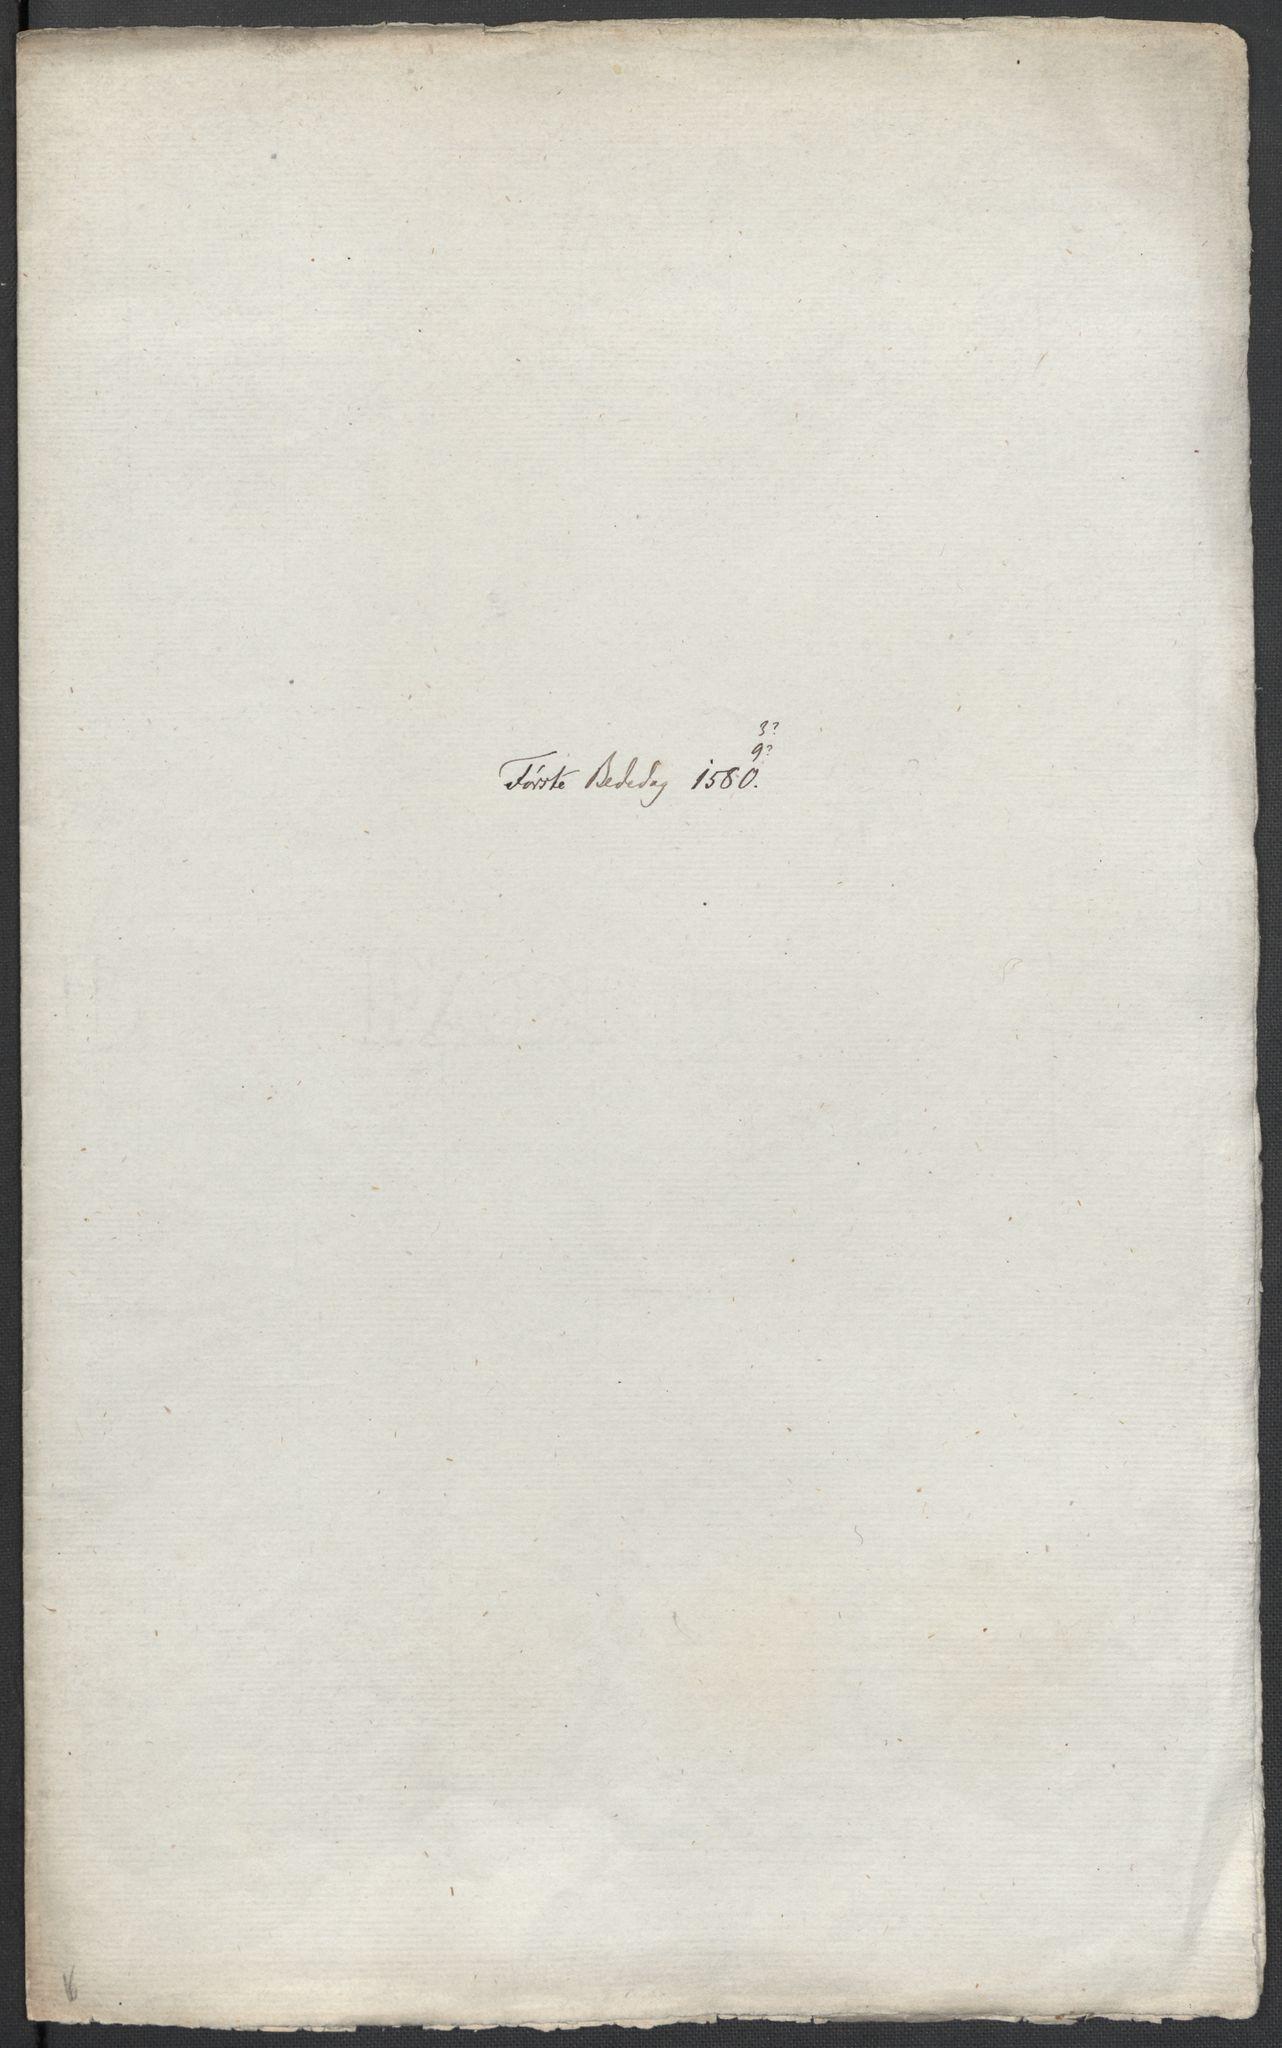 RA, Riksarkivets diplomsamling, F02/L0082: Dokumenter, 1580, s. 67